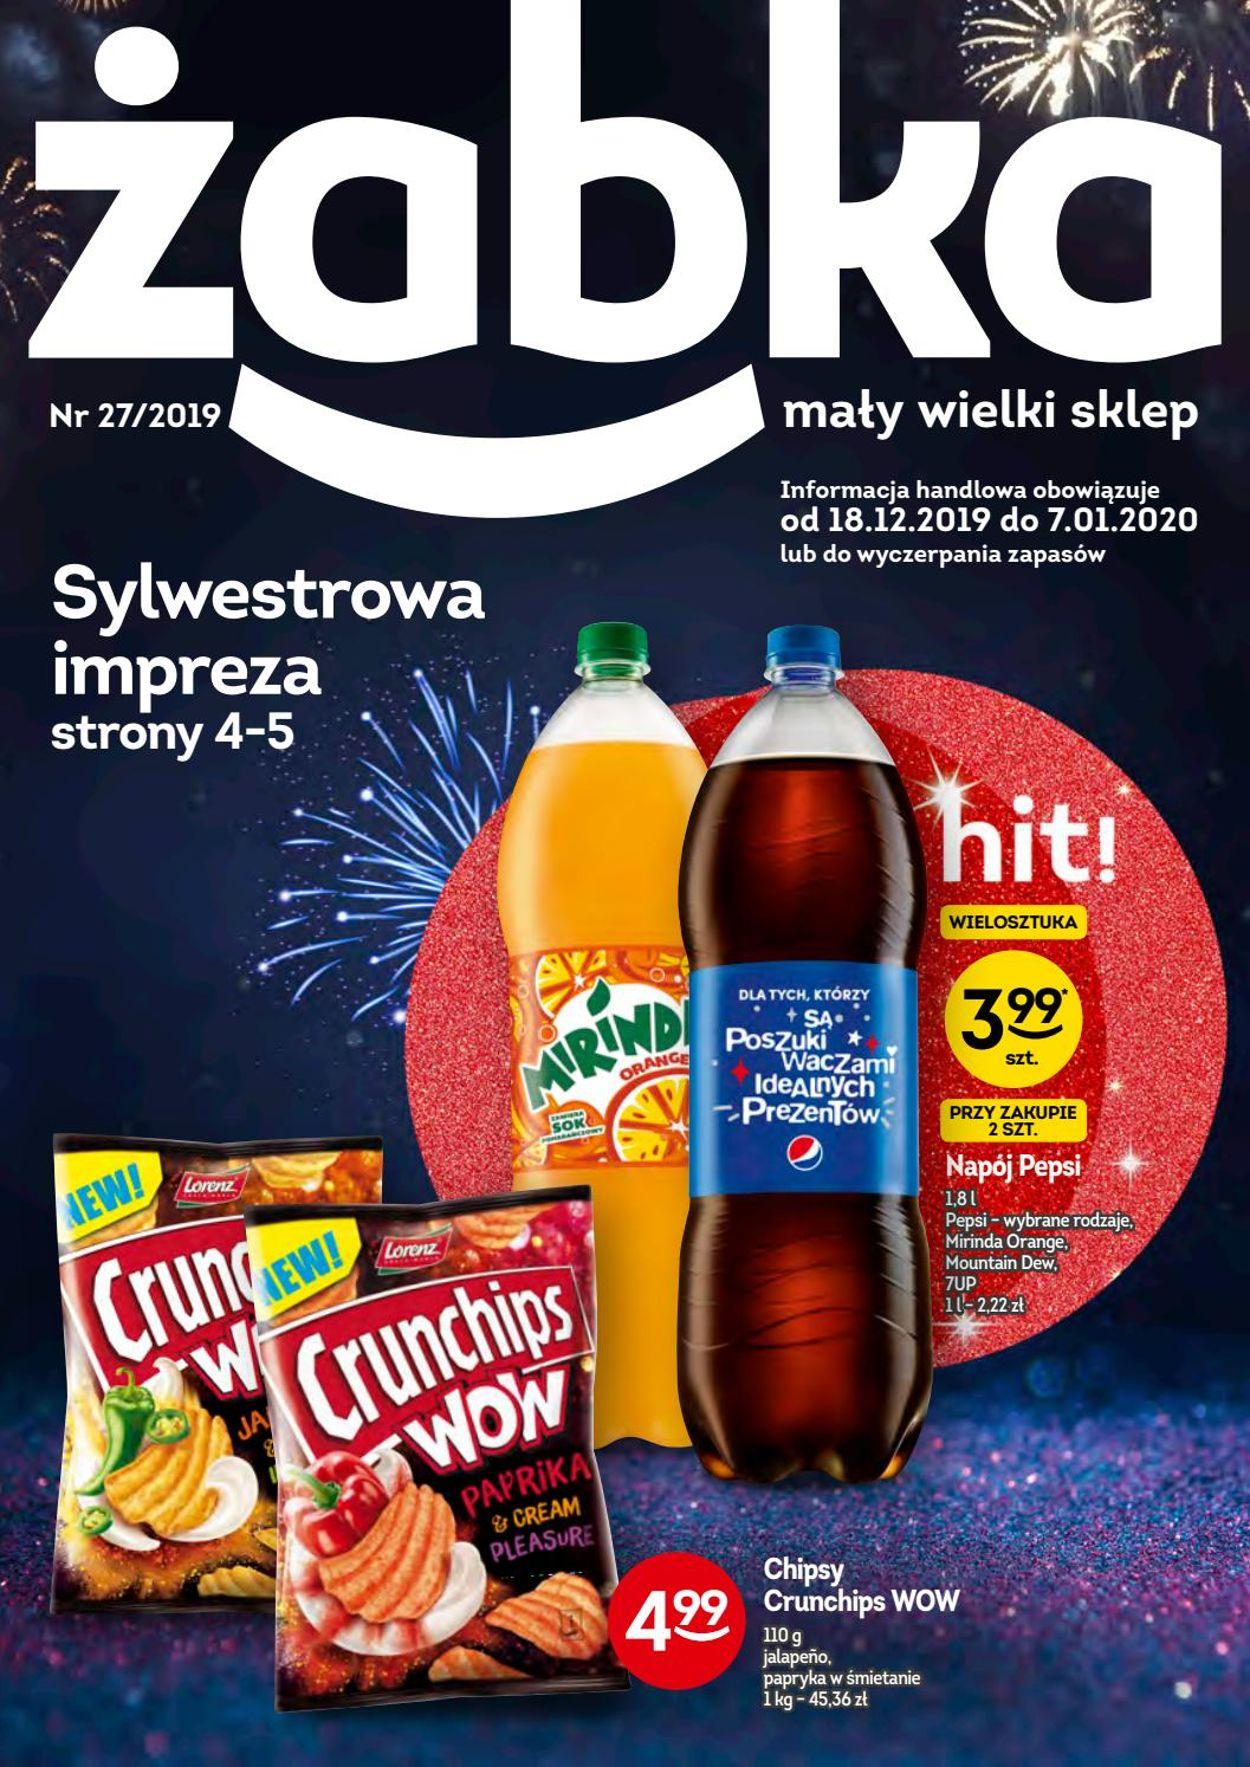 Gazetka promocyjna Żabka - Gazetka Sylwestrowa 2019/2020 - 18.12-07.01.2020